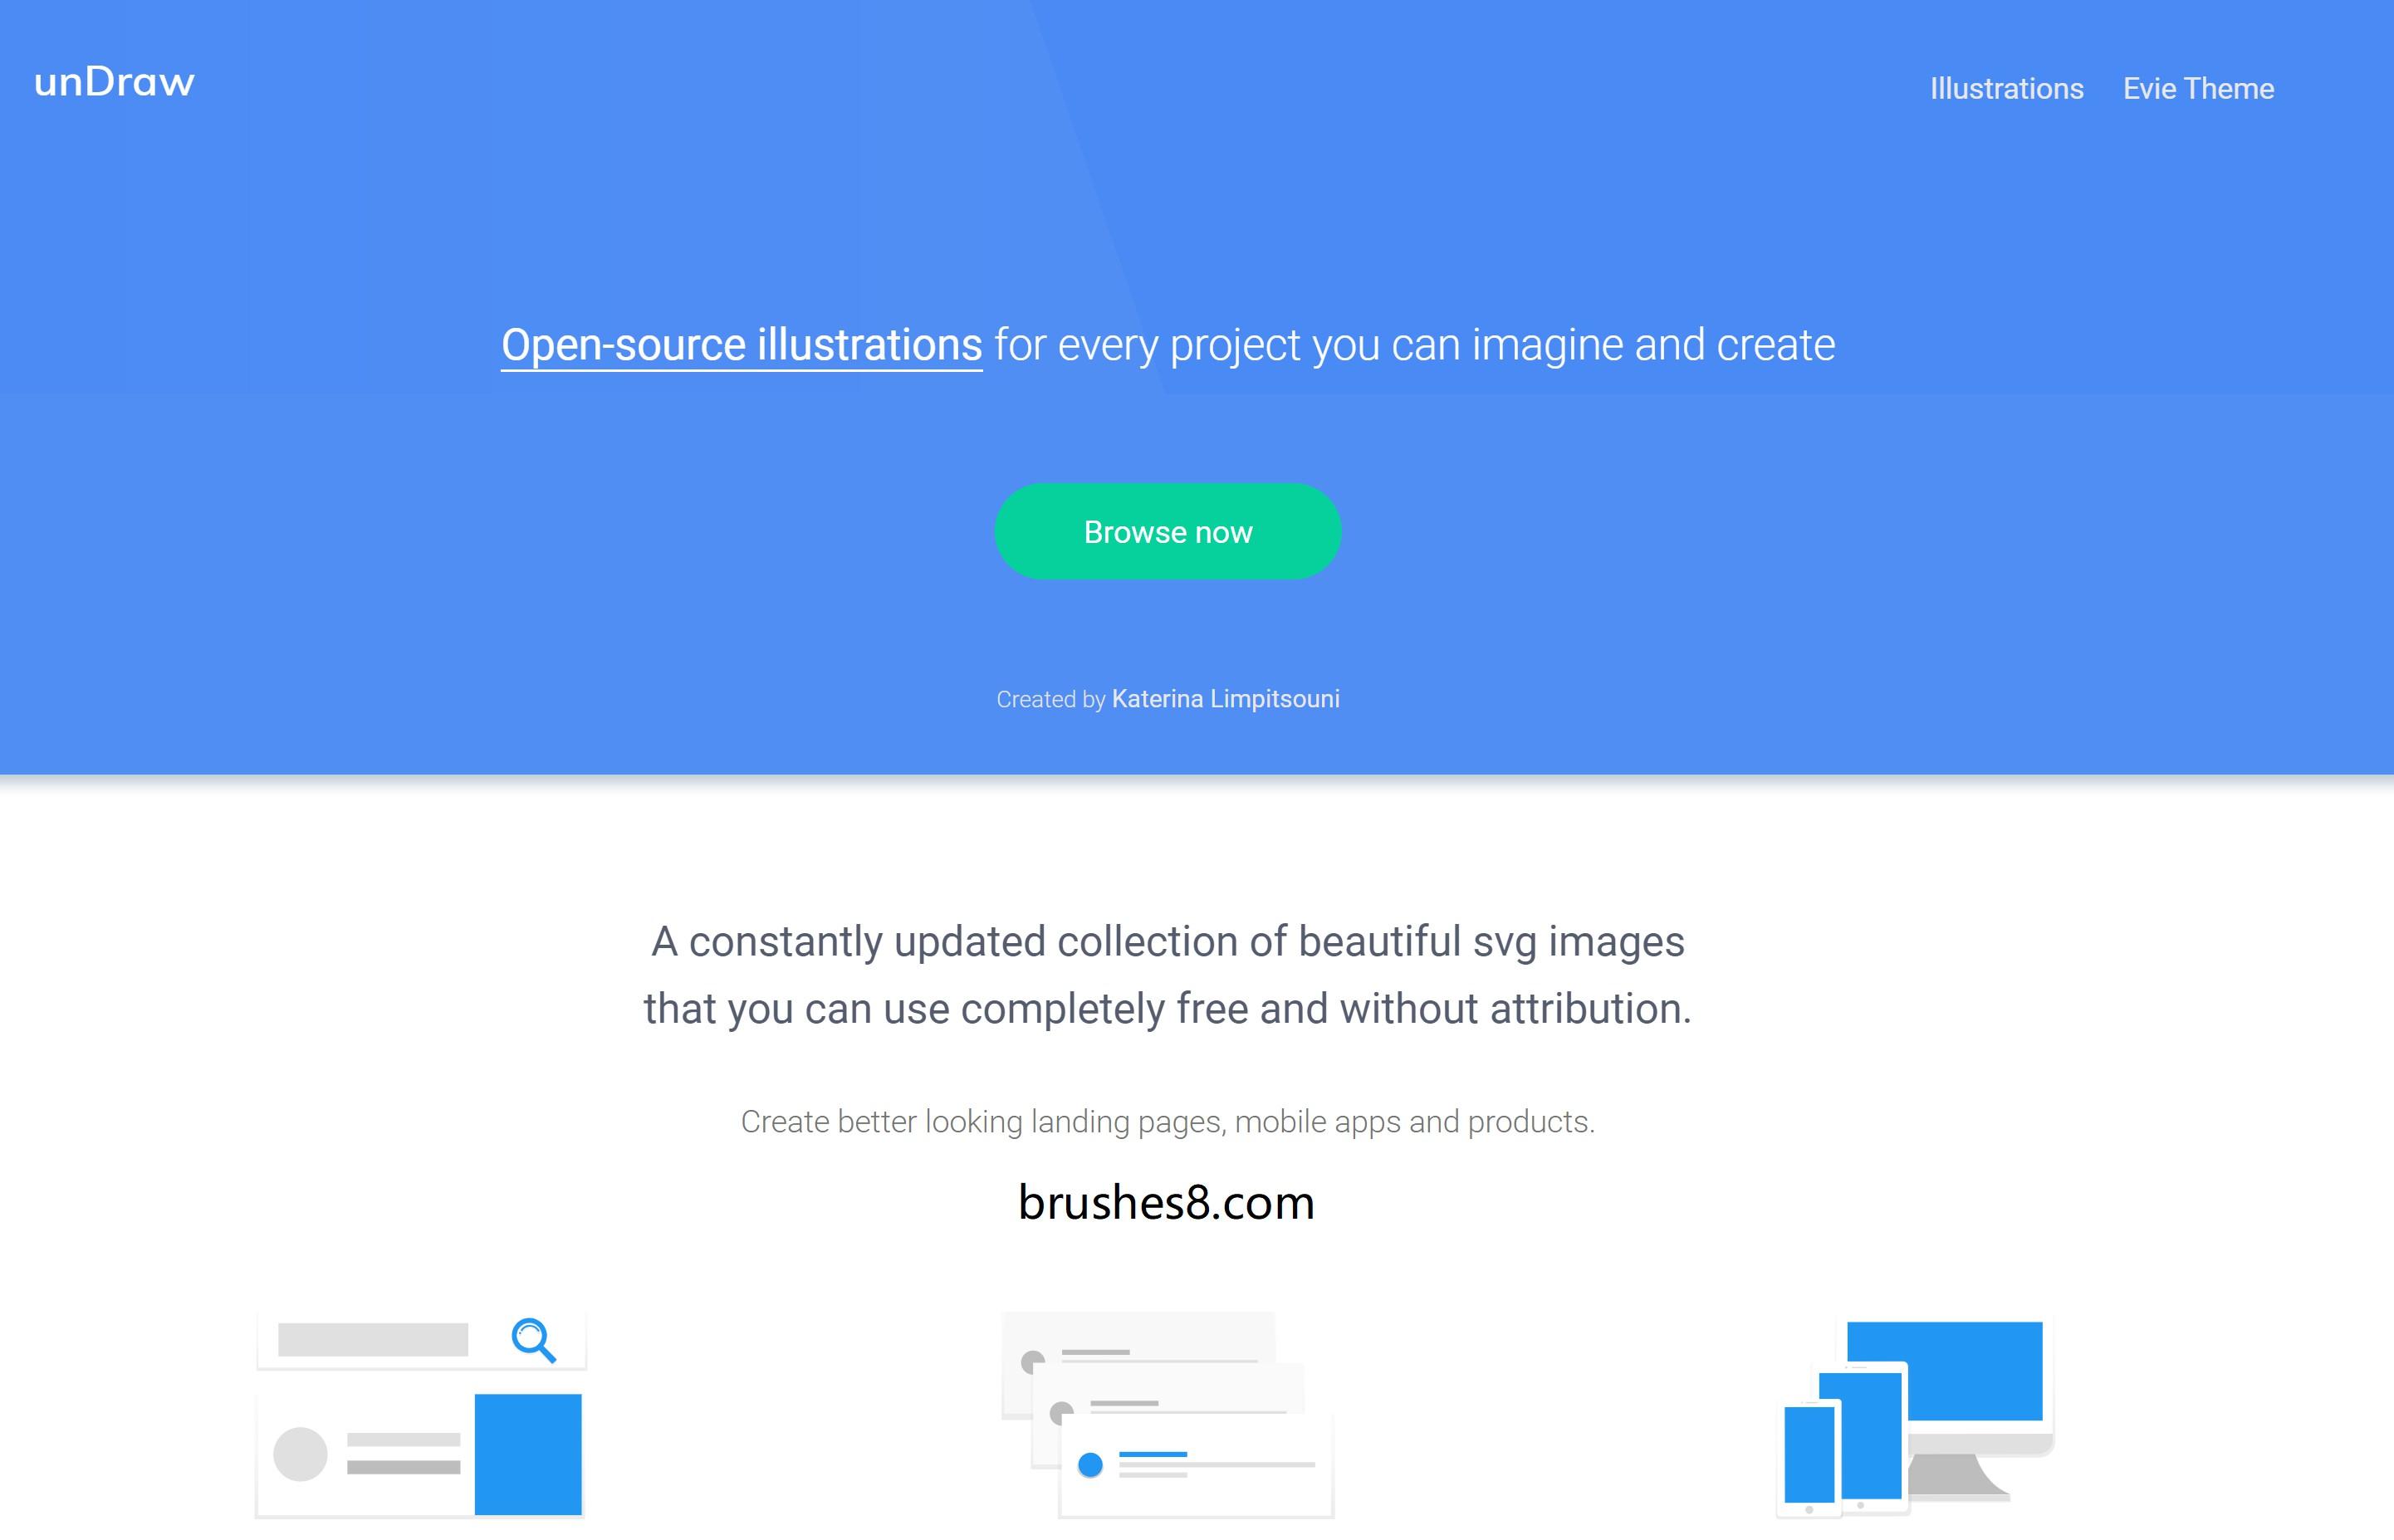 可自定义配色、可免费商用的矢量插图下载网站 - undraw